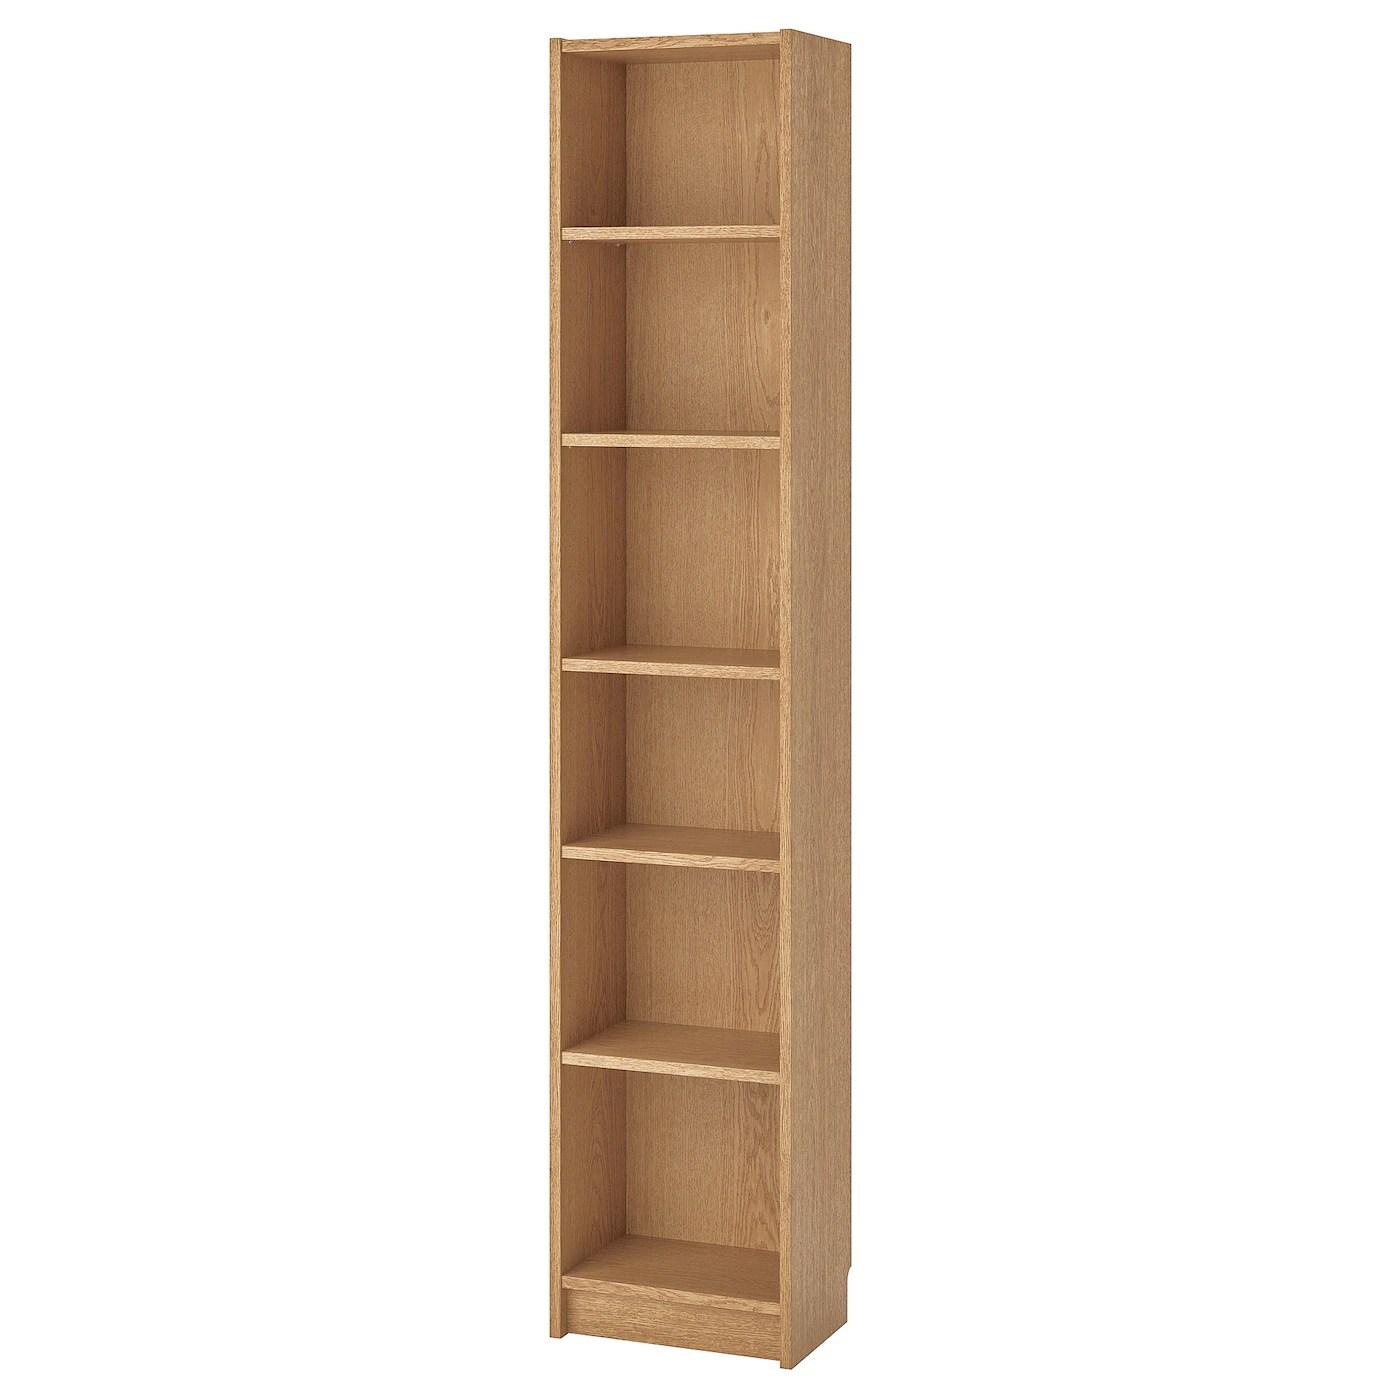 BILLY Bookcase, oak veneer, 40x28x202 cm   IKEA Ireland